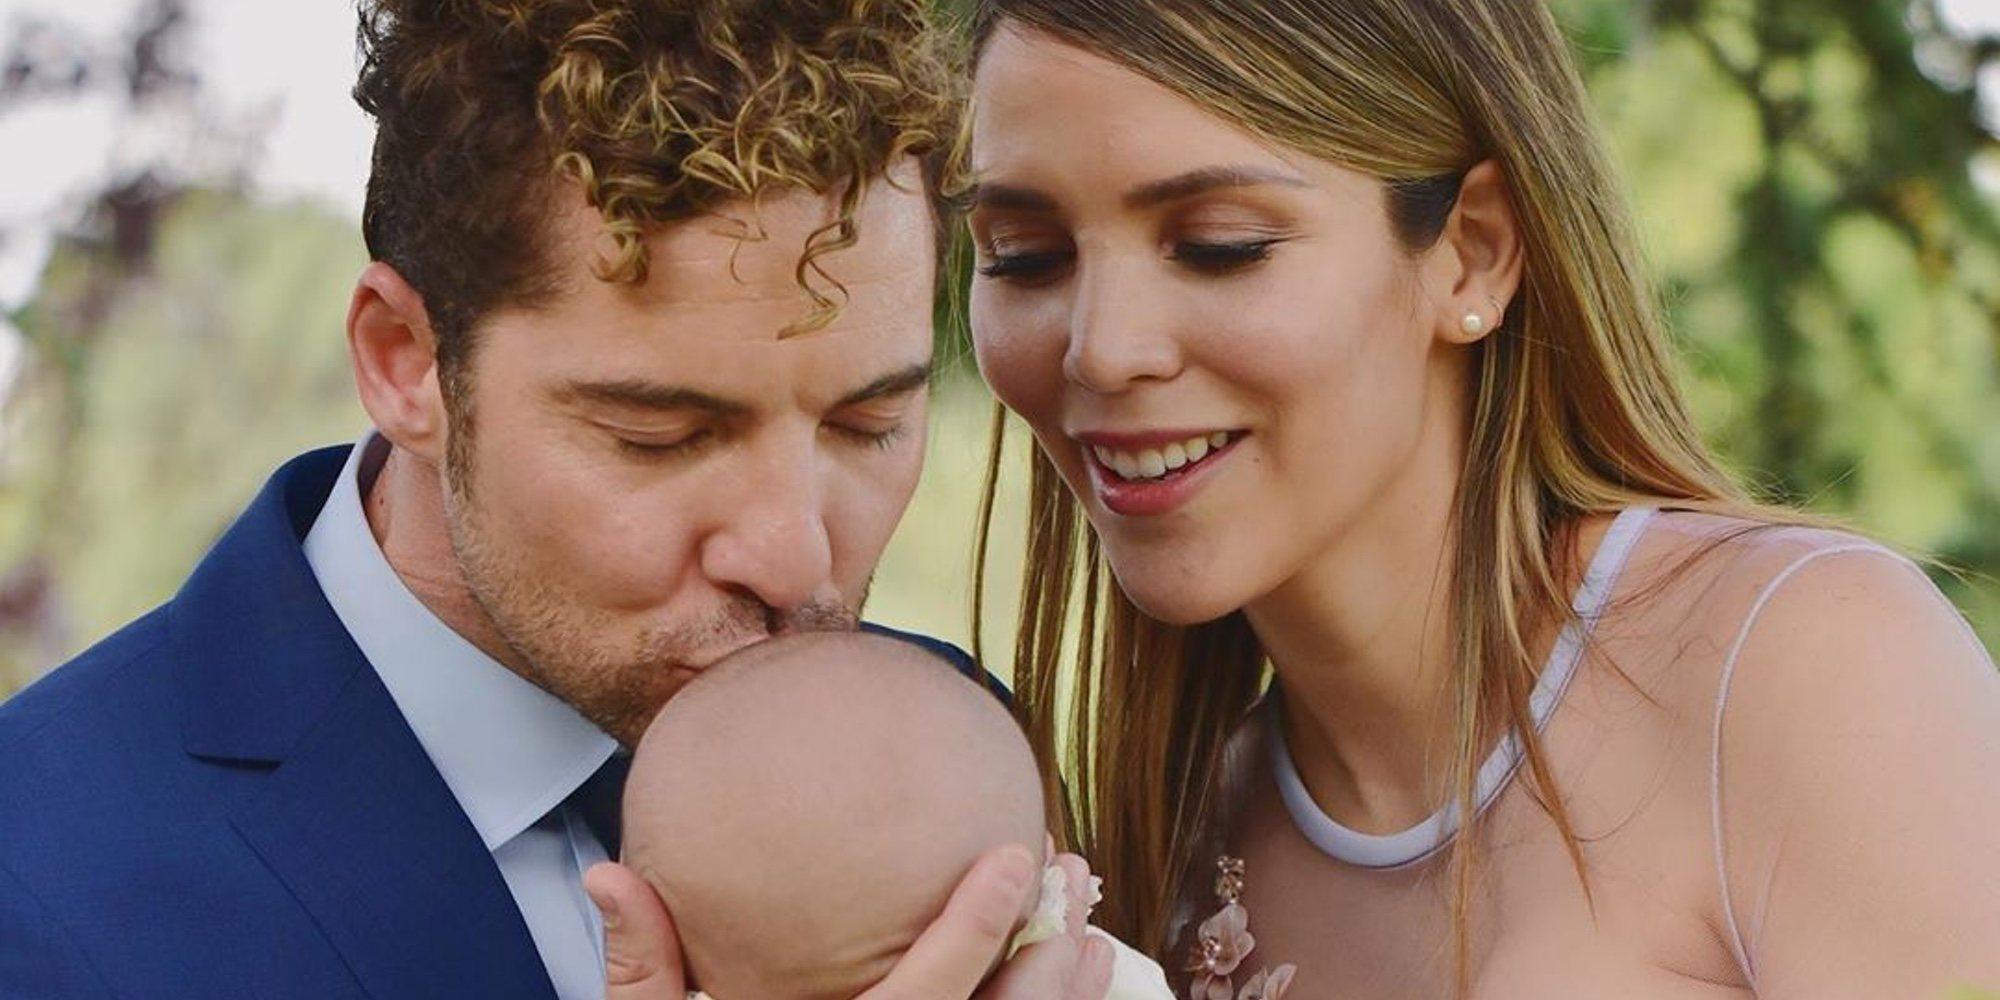 David Bisbal y Rosanna Zanetti bautizan a su hijo Matteo en la intimidad